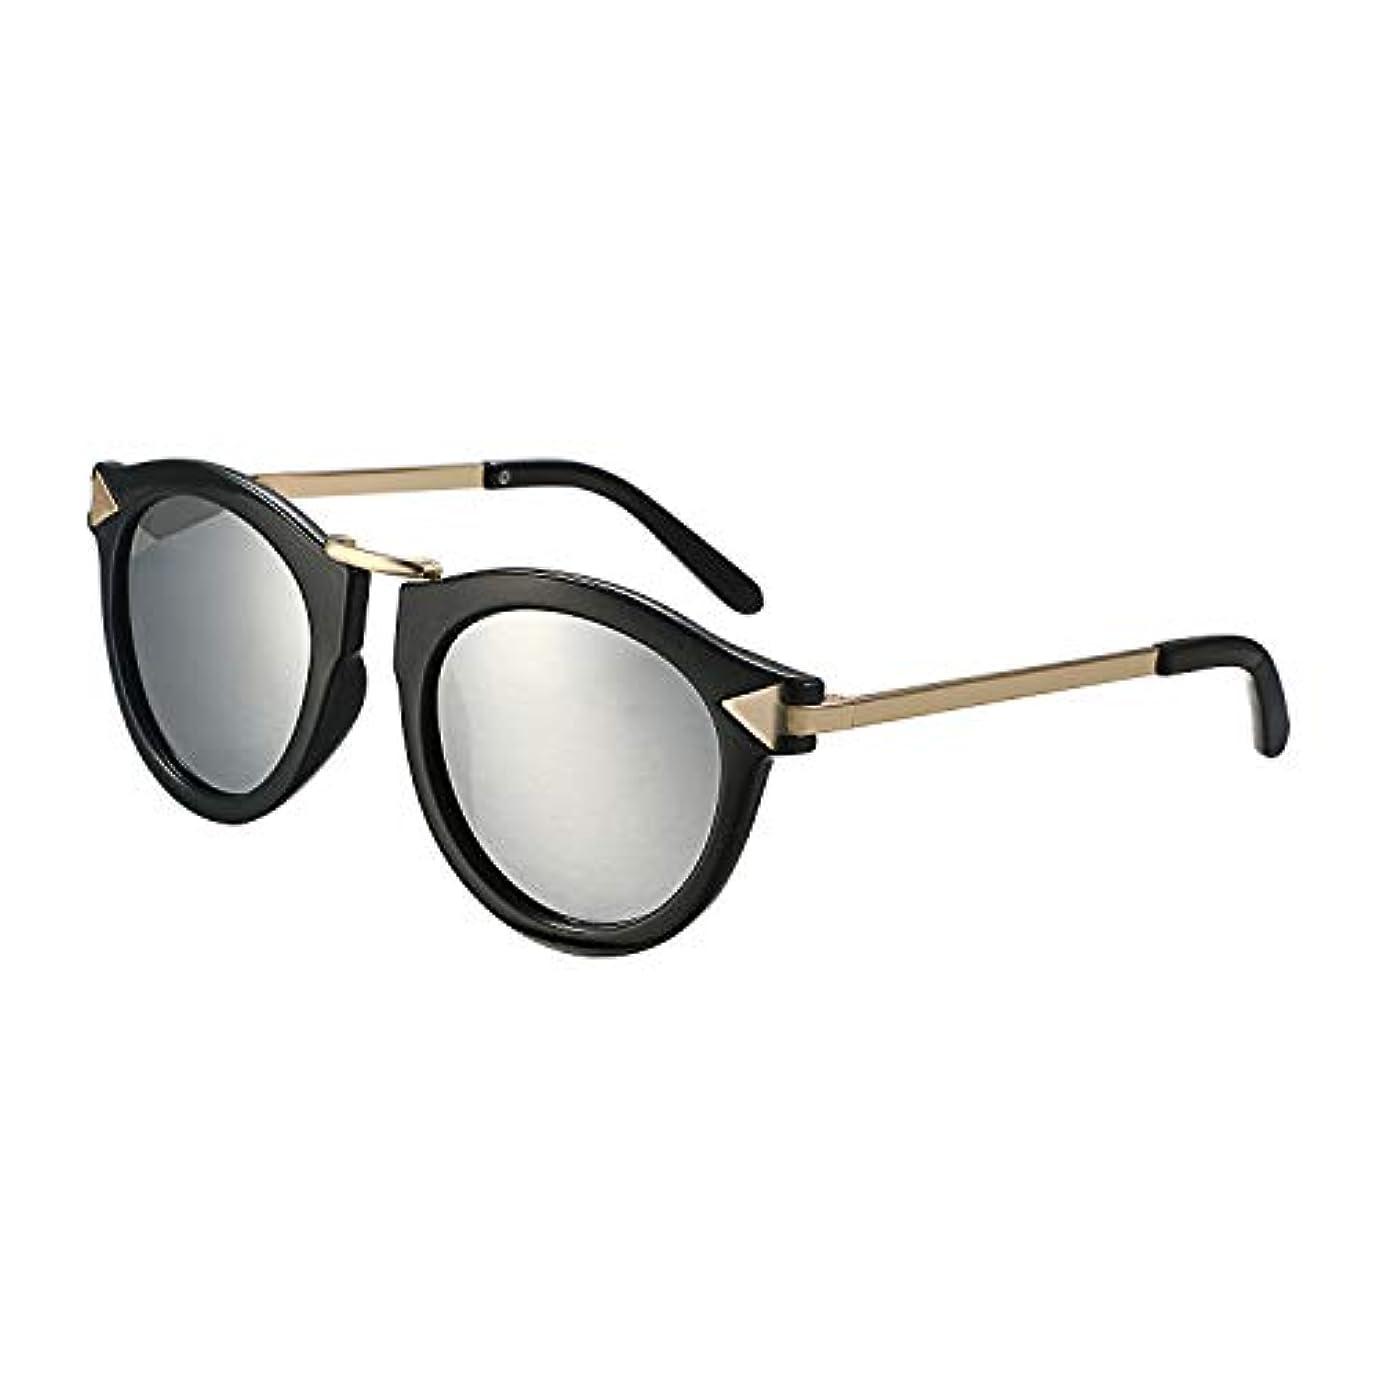 ひまわり本会議祖父母を訪問Aroncent サングラス 偏光レンズ メガネ サングラス レトロ UV400 おしゃれ シンブル アンティーク風 ファッション アクセサリー シルバー